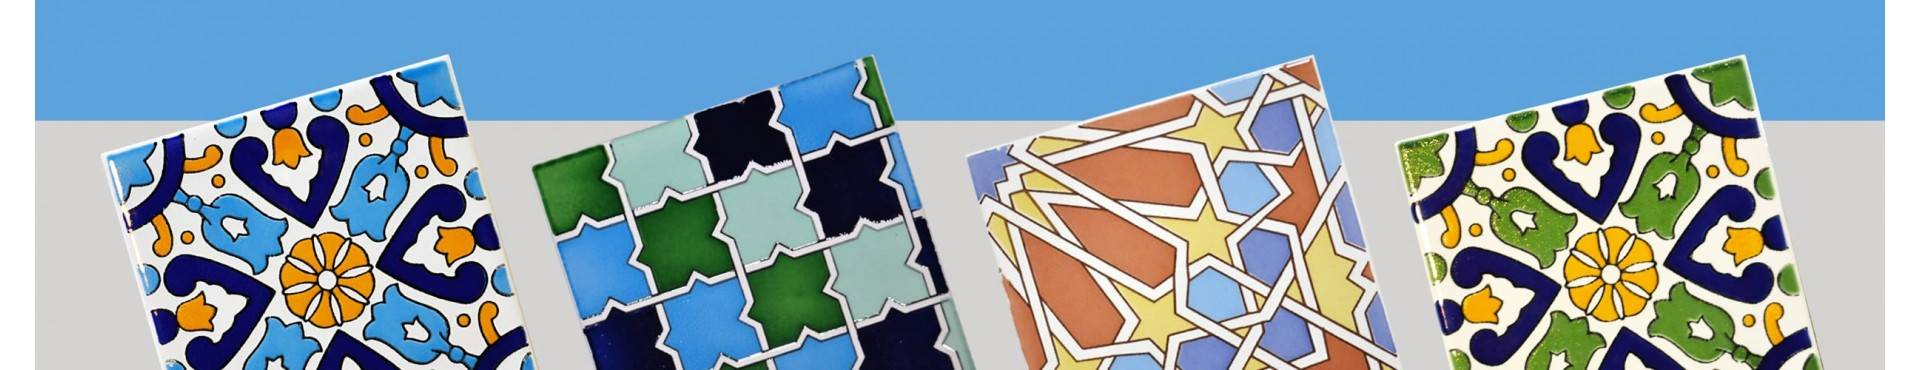 Mattonelle 15x15 e cornici abbinate